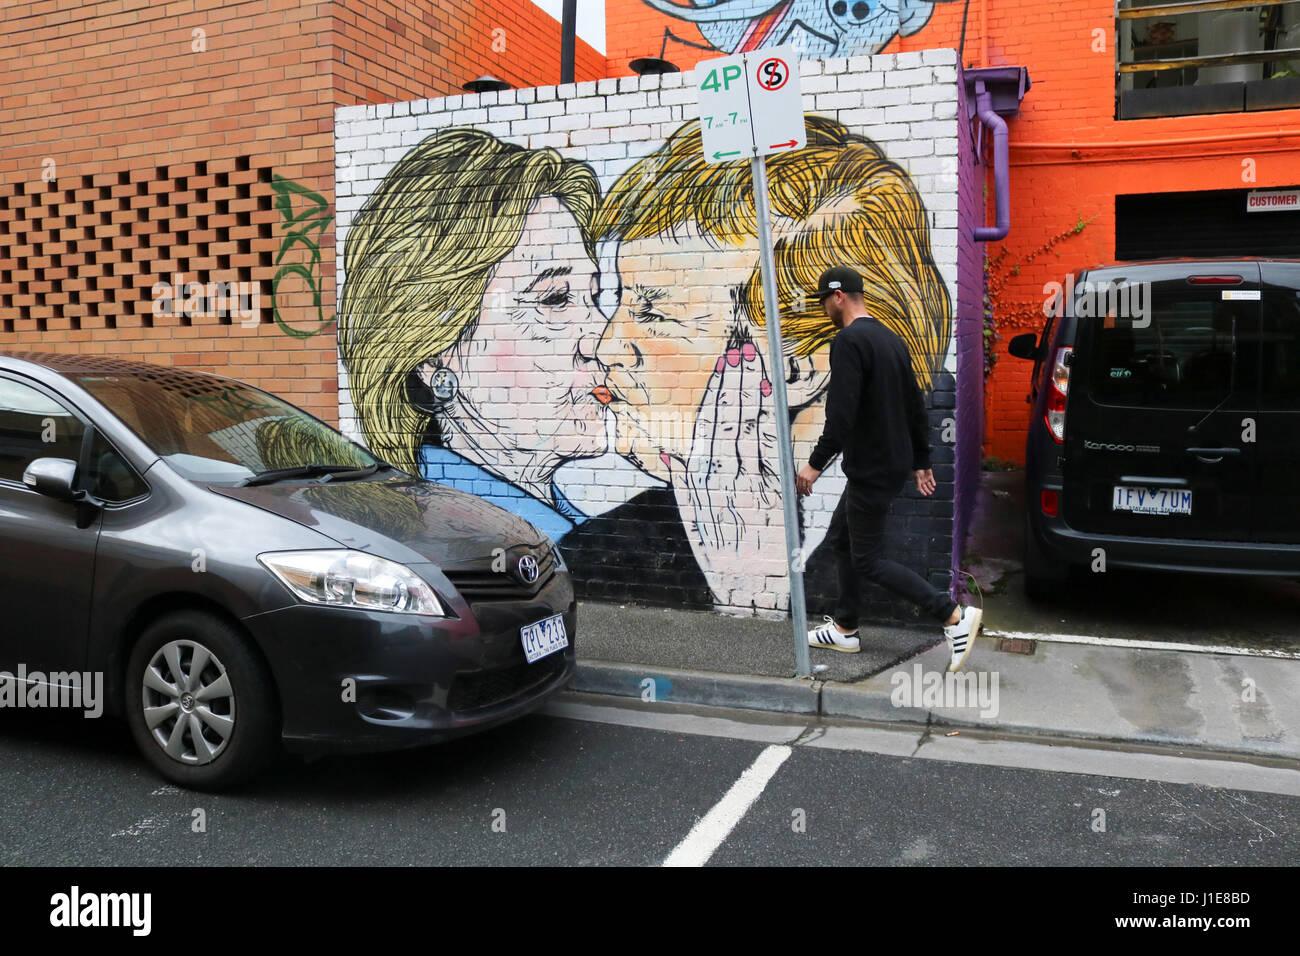 Melbourne Australien. 21. April 2017. Ein Wandbild in Melbourne zeigt Donald Trump küssen seines Präsidenten Stockbild